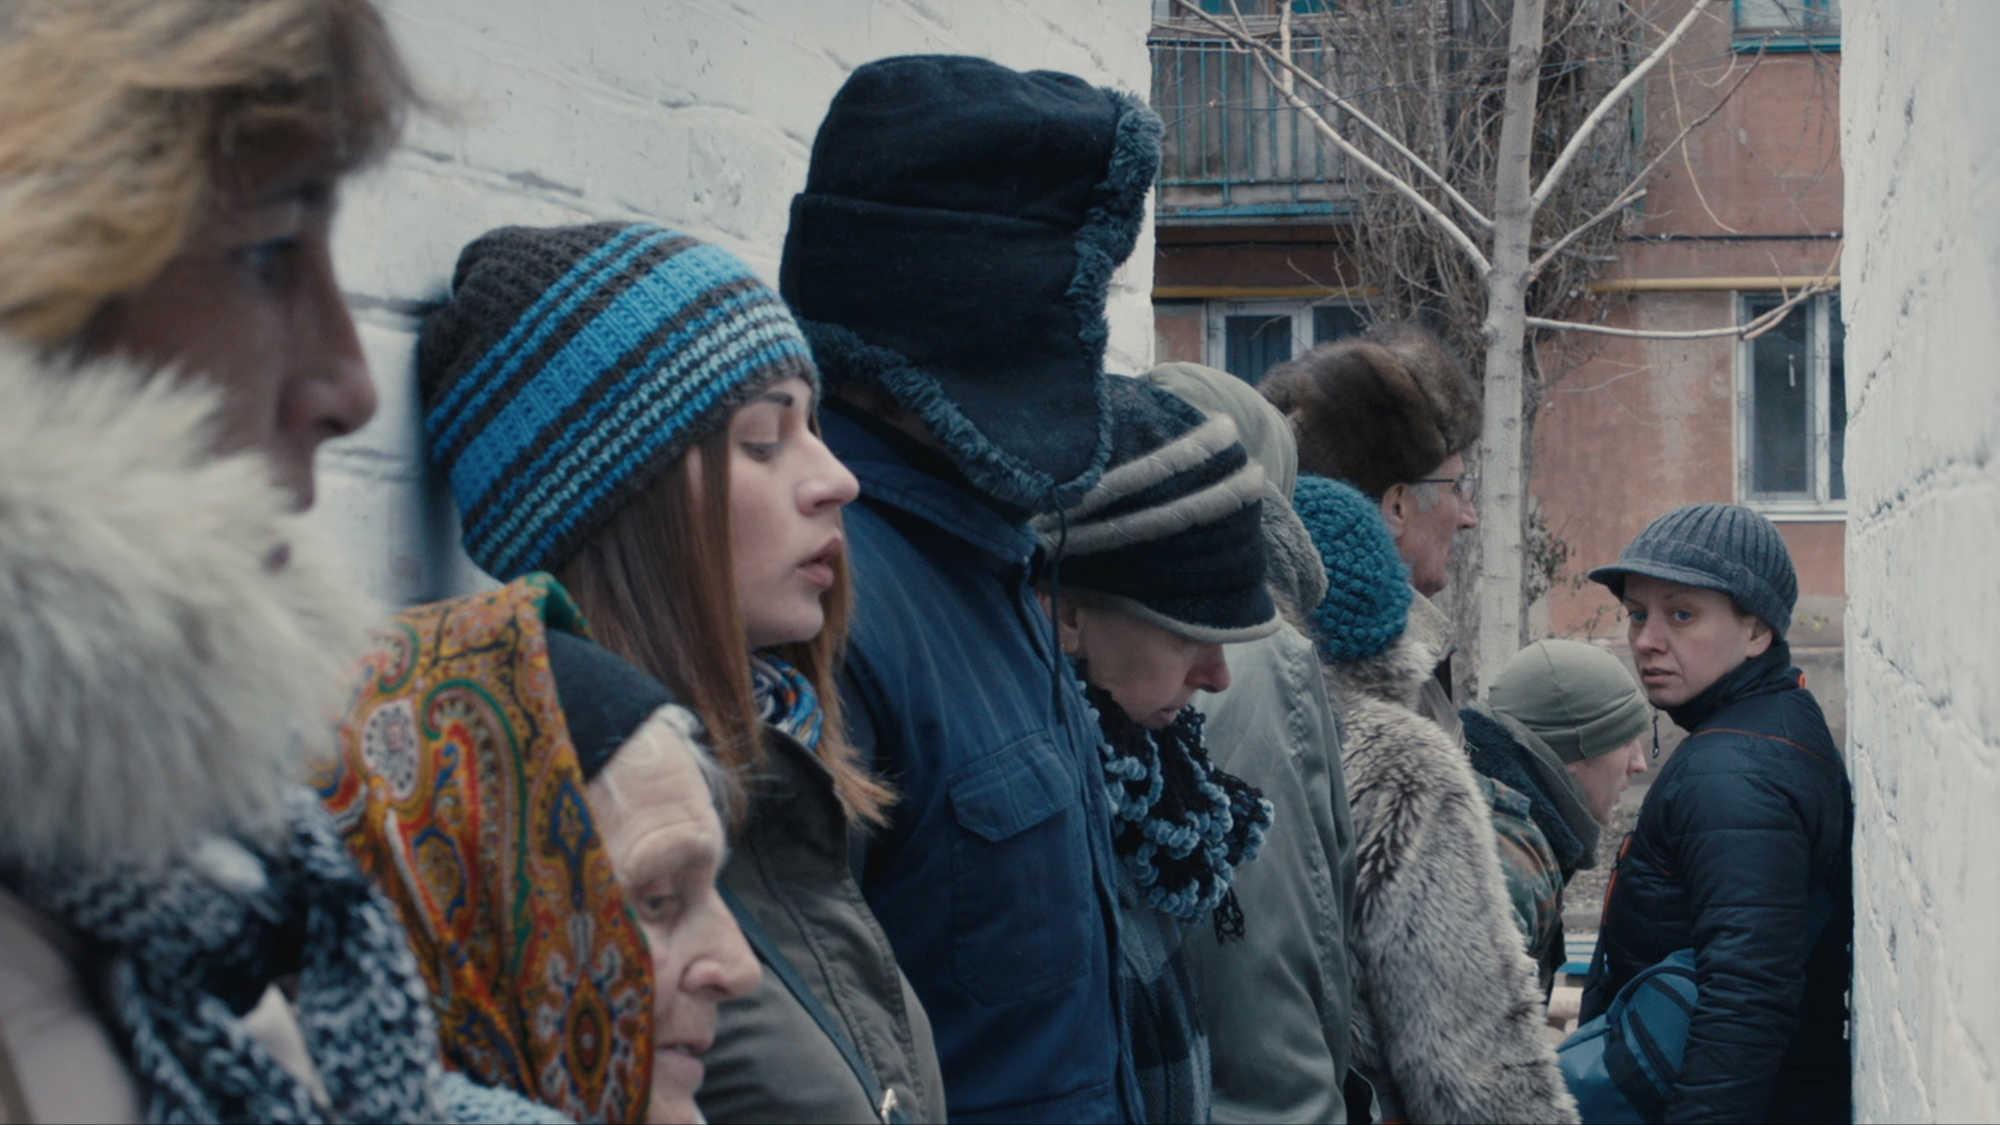 Донбас | Кіно про епоху постправди